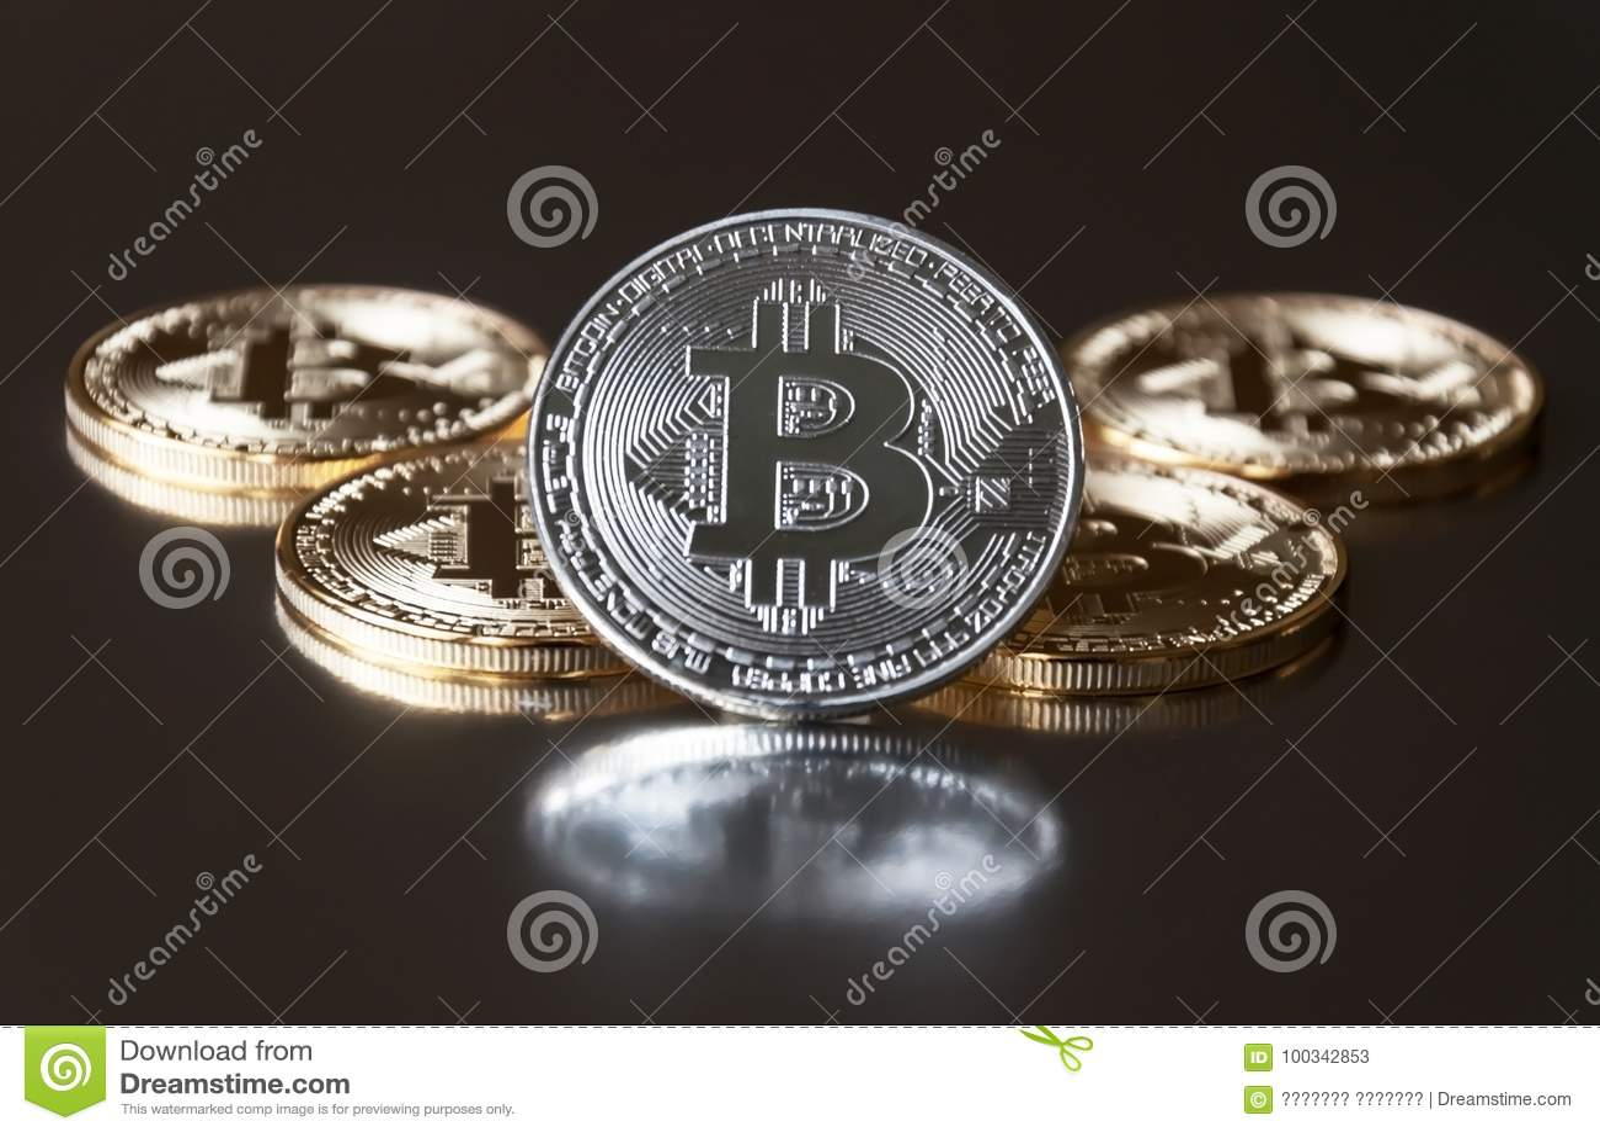 Крае биткоин форекс биржевой или нет